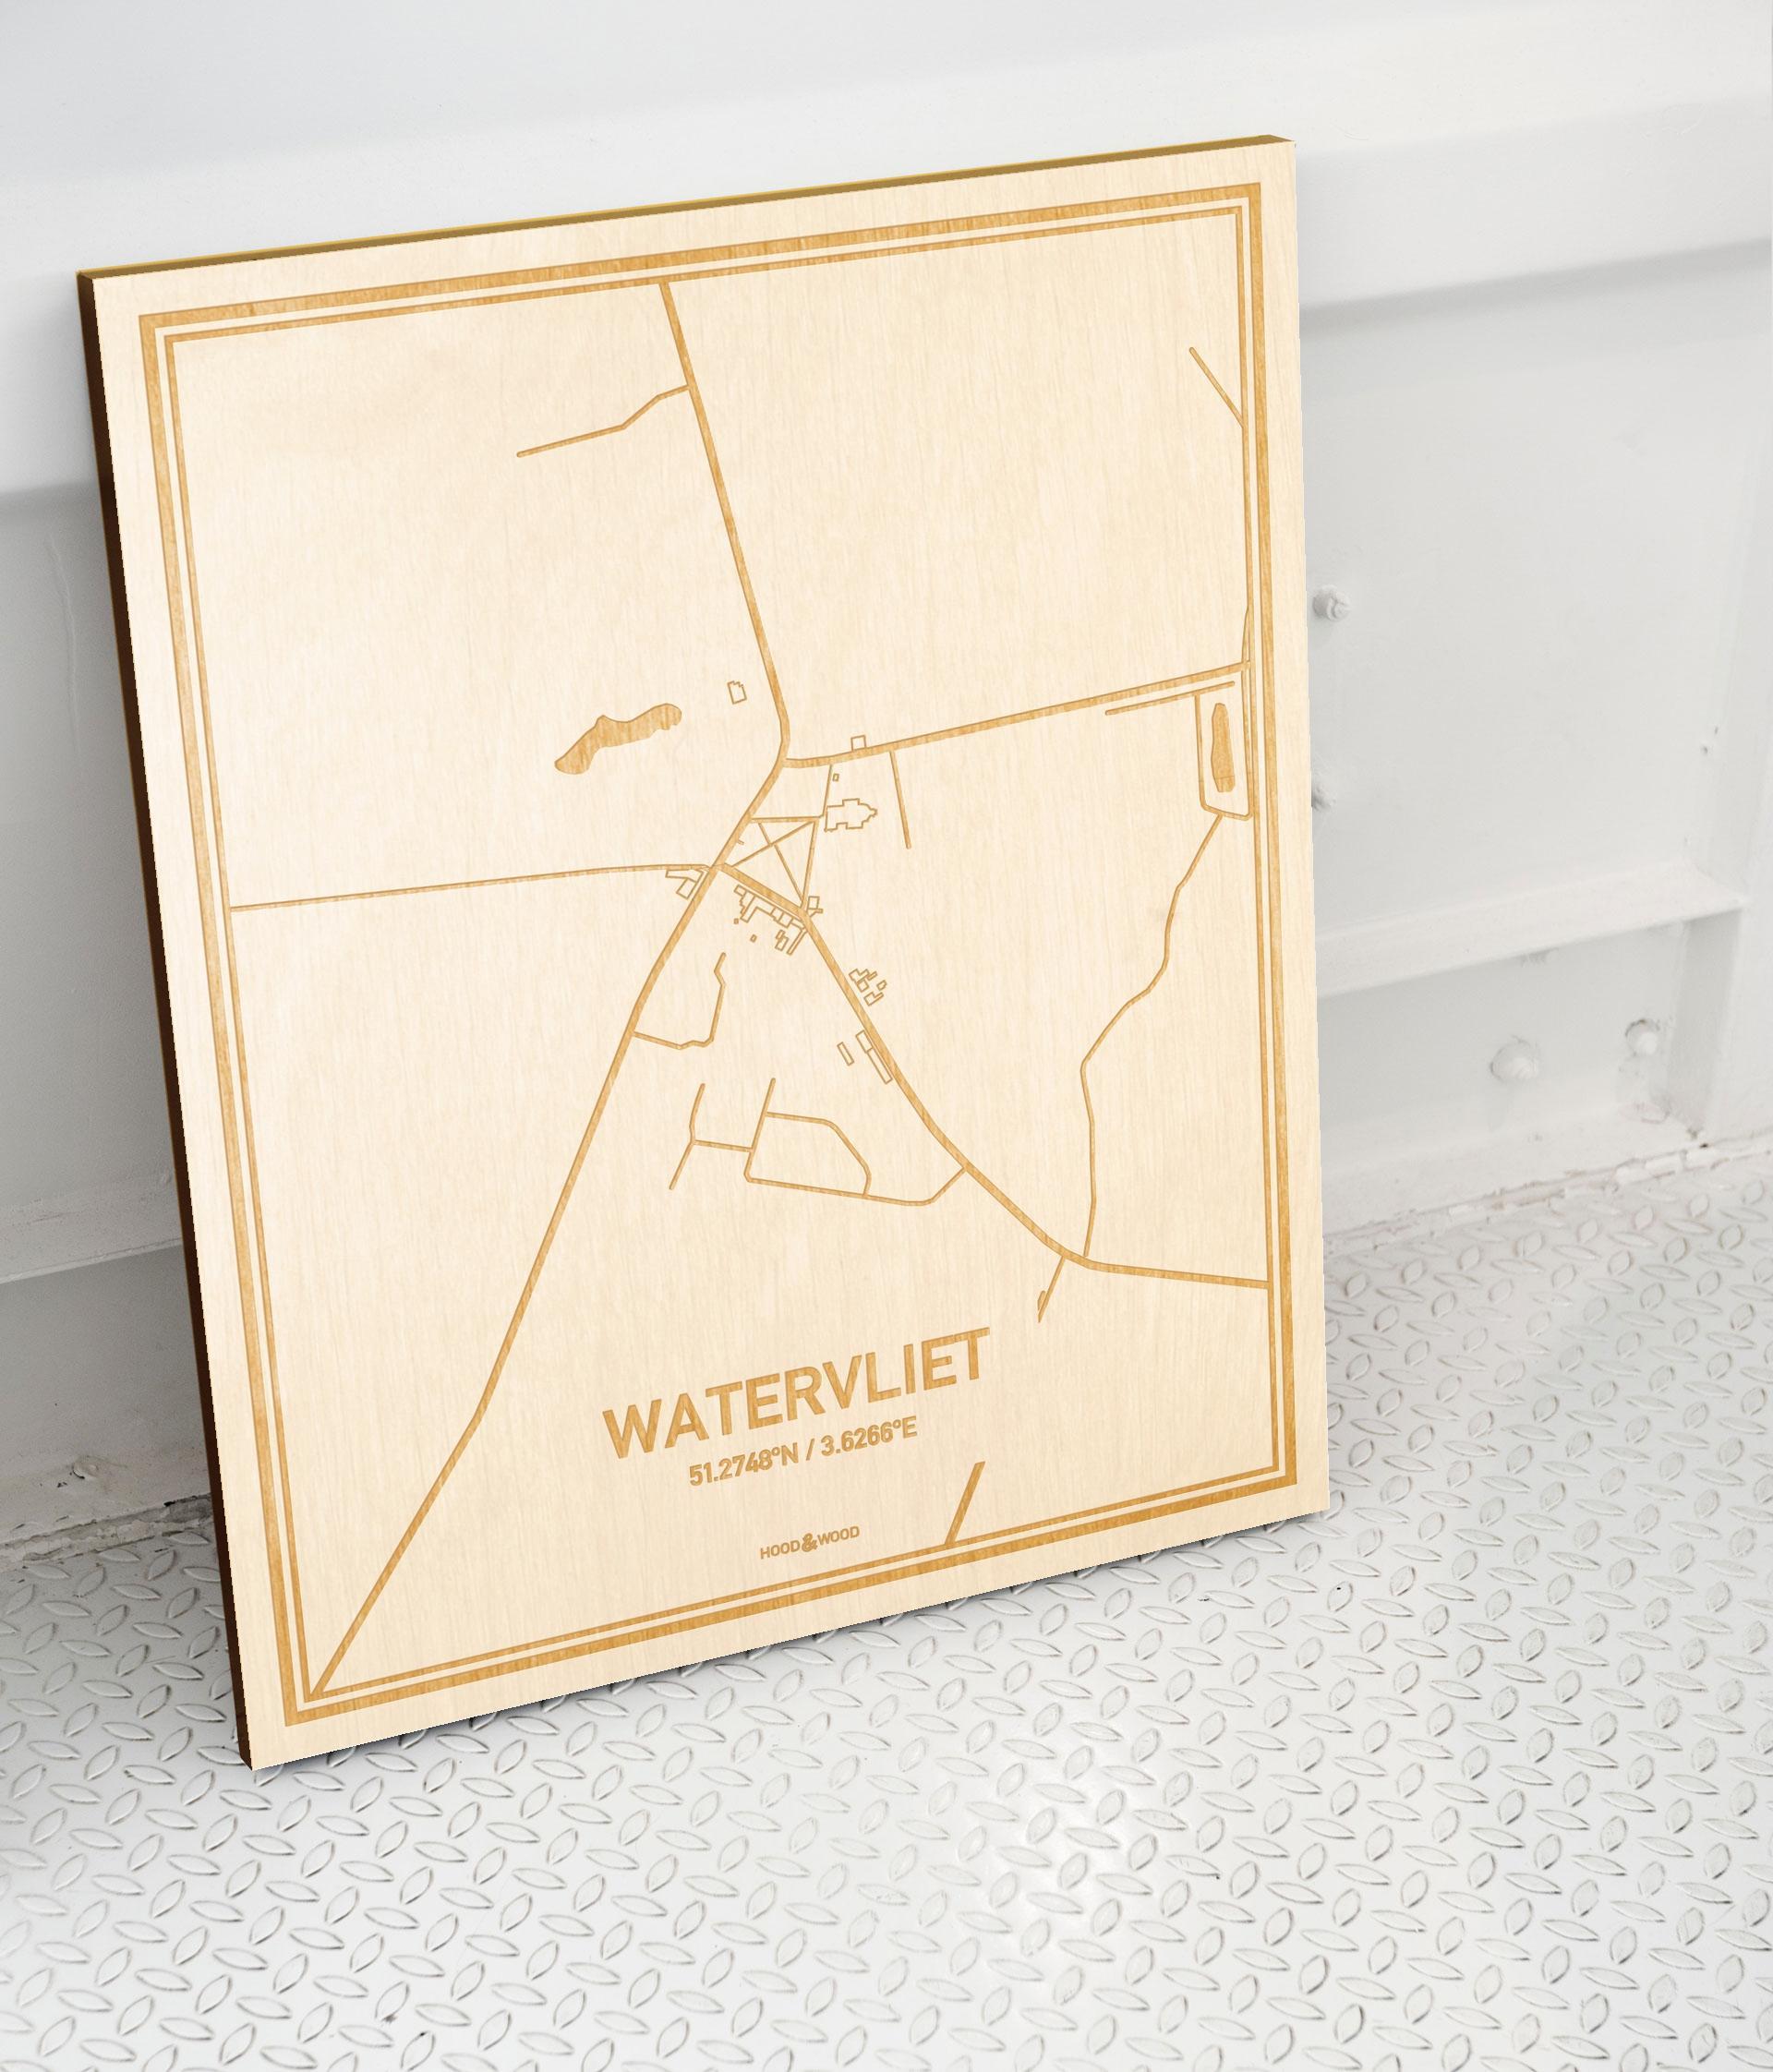 Plattegrond Watervliet als prachtige houten wanddecoratie. Het warme hout contrasteert mooi met de witte muur.